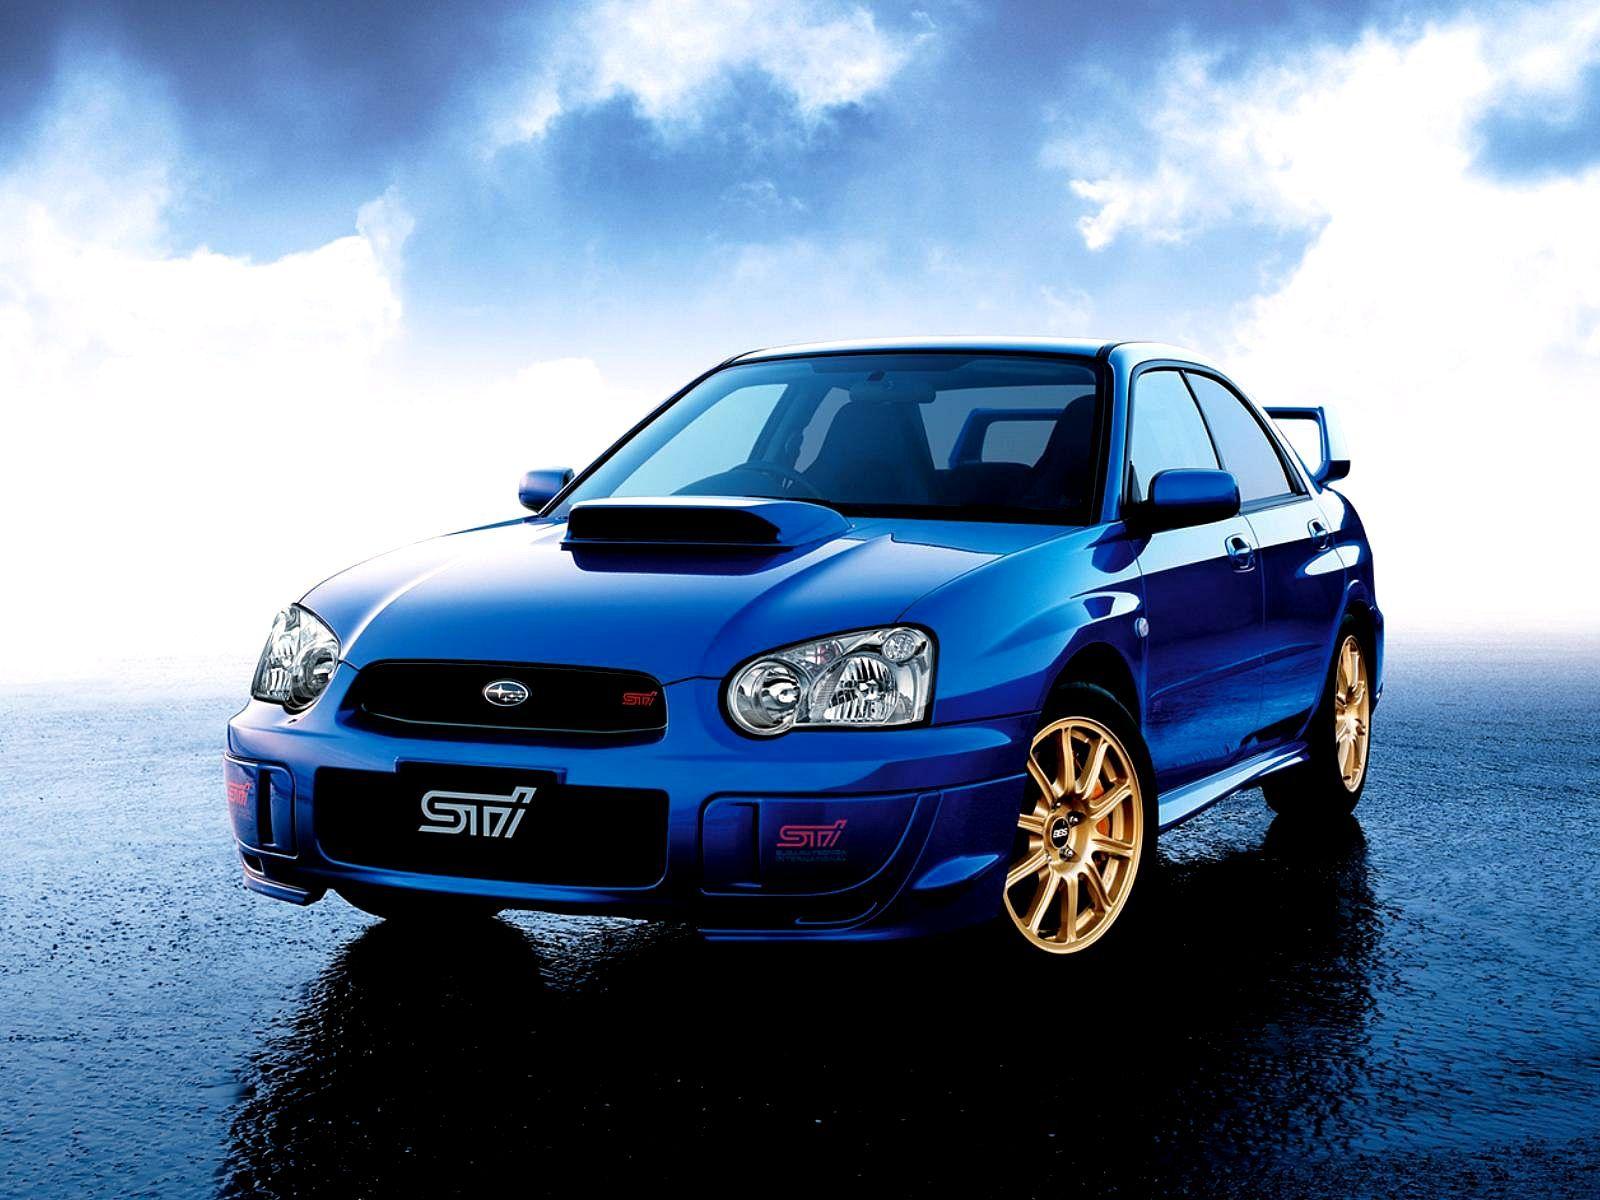 Subaru impreza wrx sti subaru impreza wrx sti especial jap n pinterest subaru impreza subaru and subaru cars